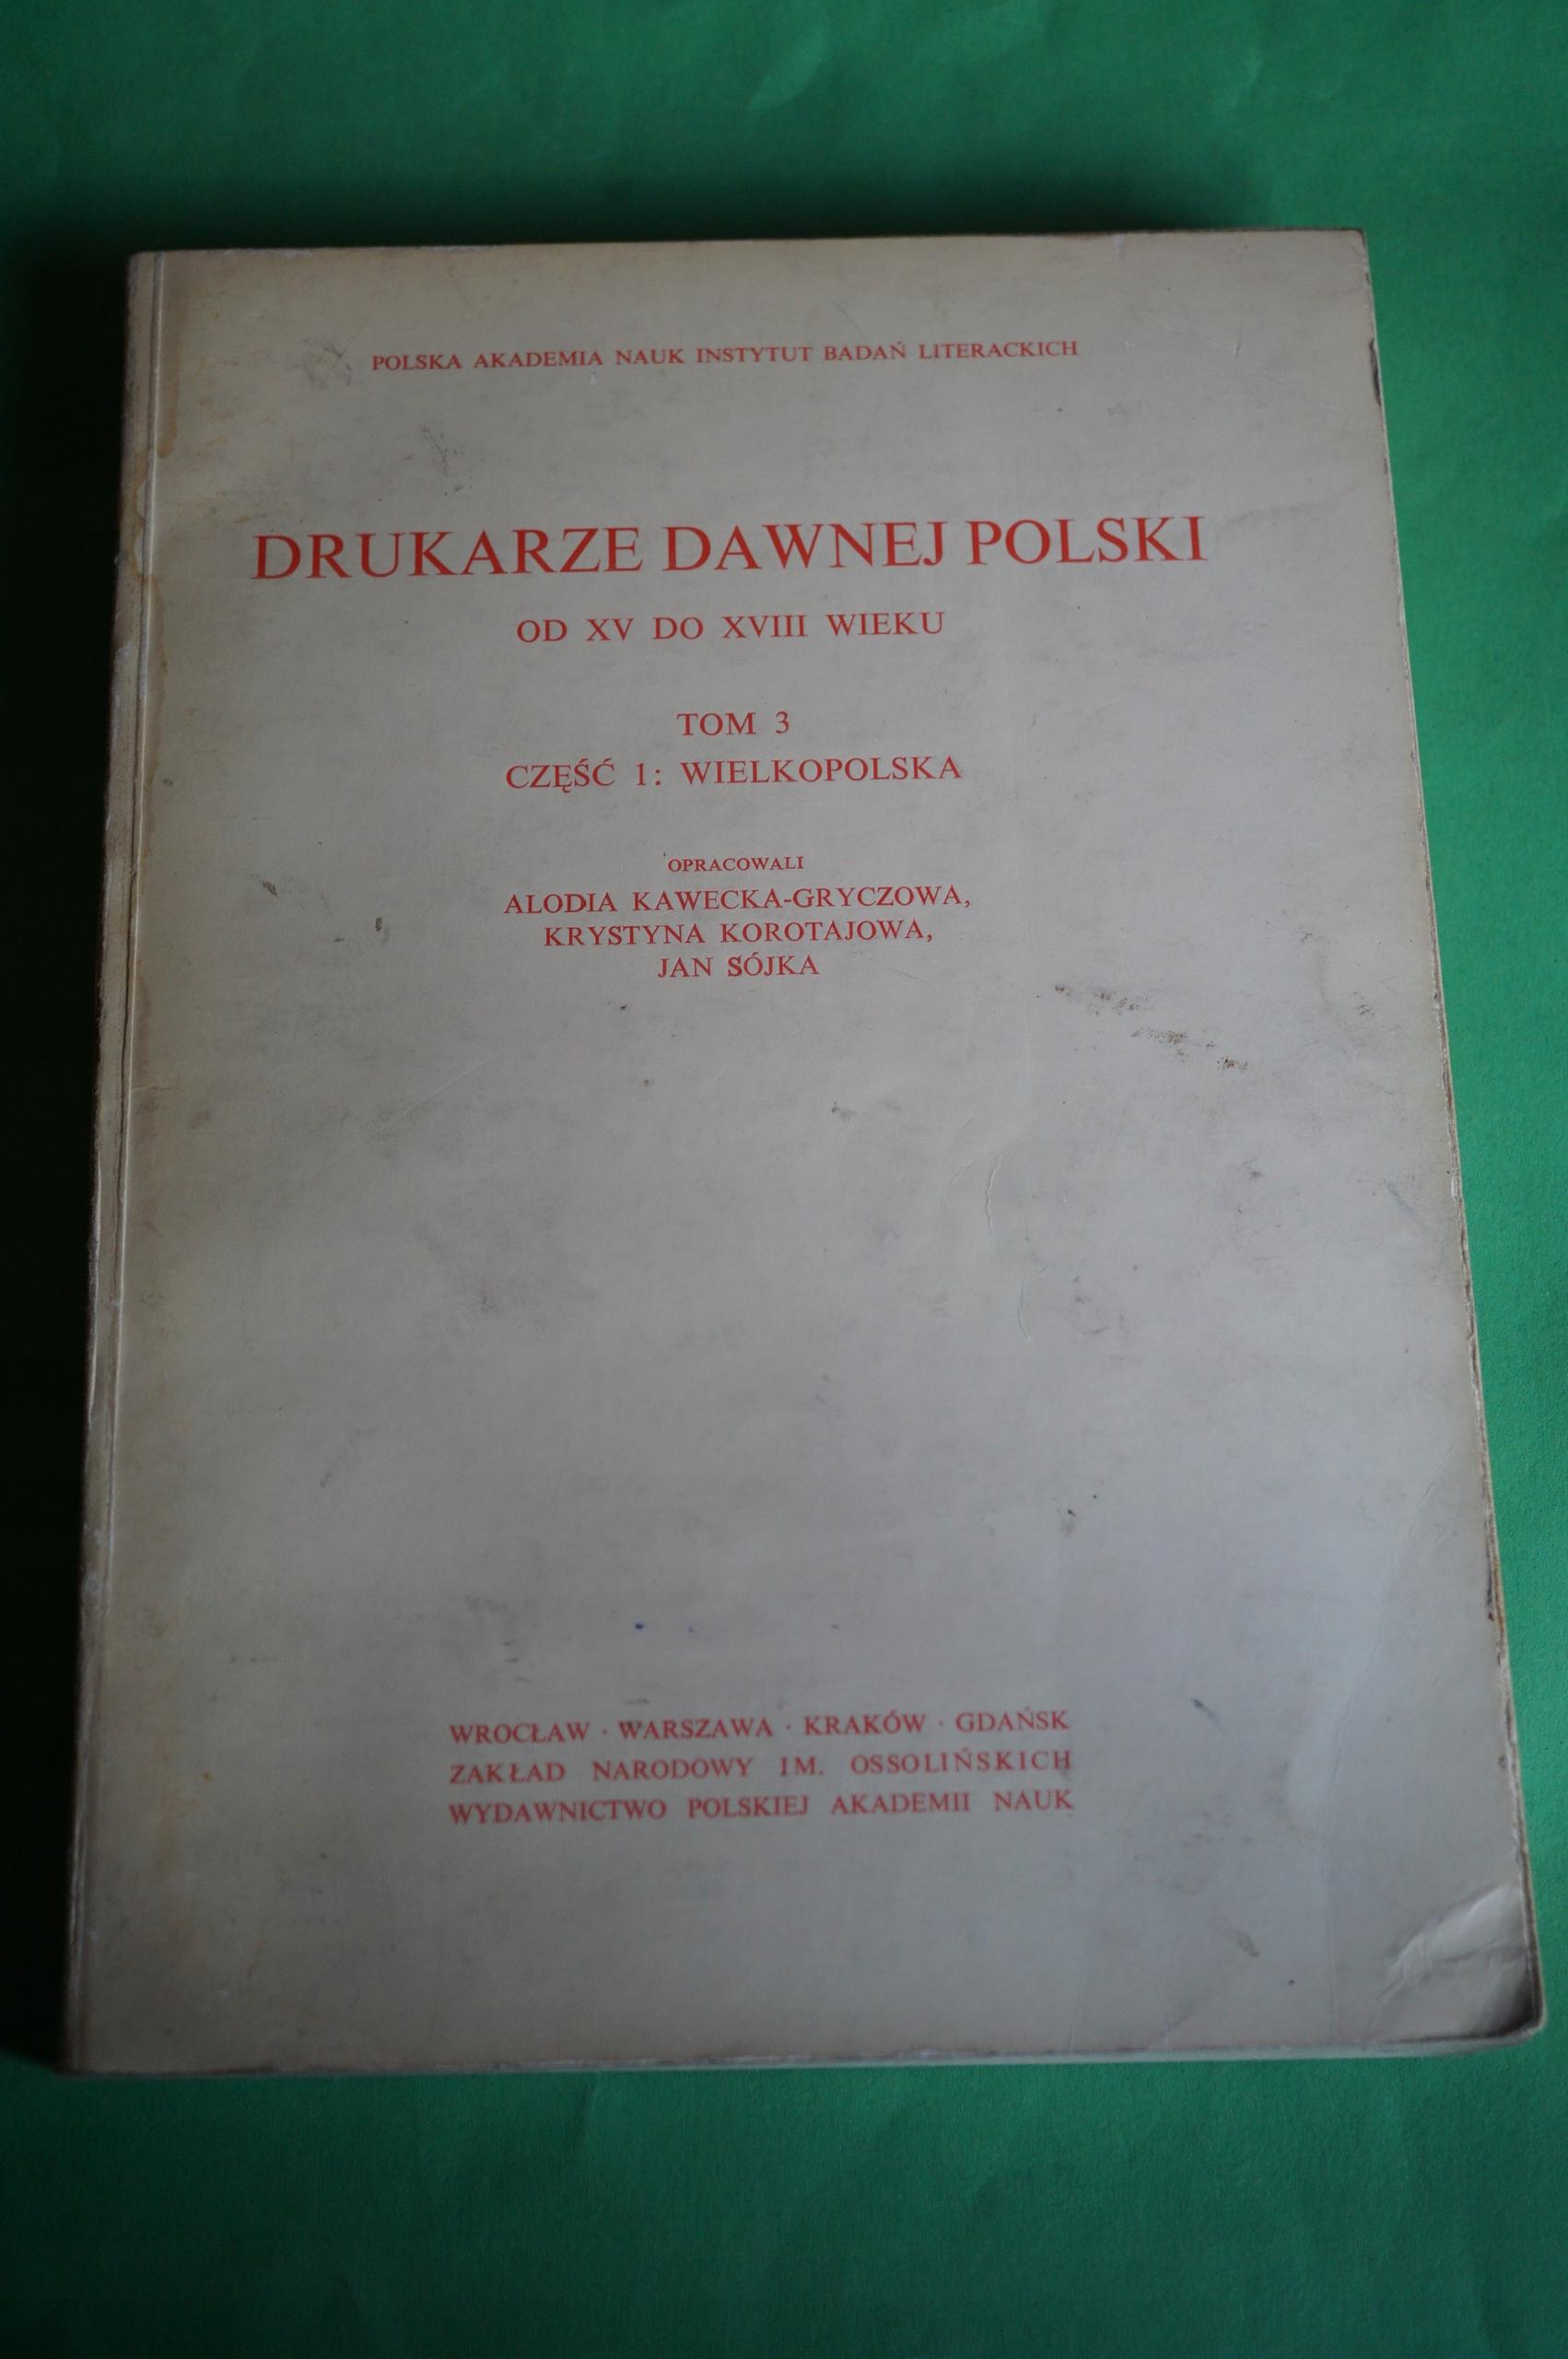 DRUKARZE DAWNEJ POLSKI. Wielkopolska. Cz. 1. 1977